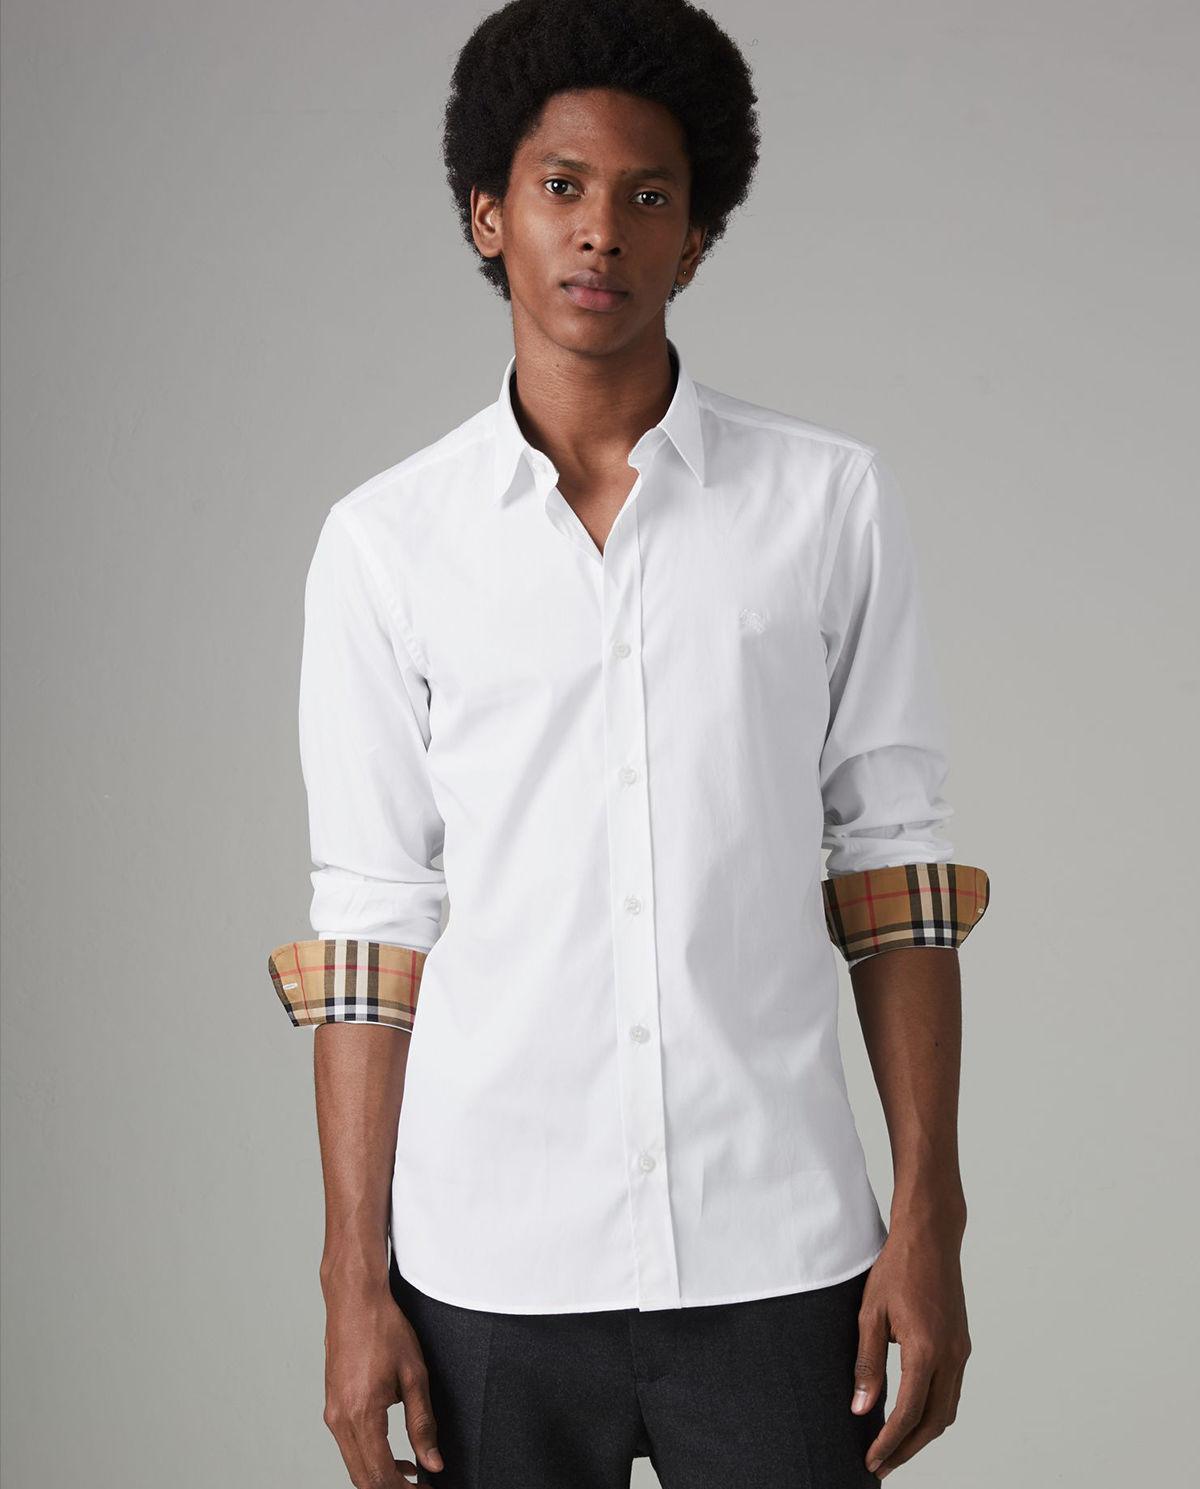 e75b714ac7bfd9 Biała koszula BURBERRY – Kup Teraz! Najlepsze ceny i opinie! Sklep  Moliera2.com